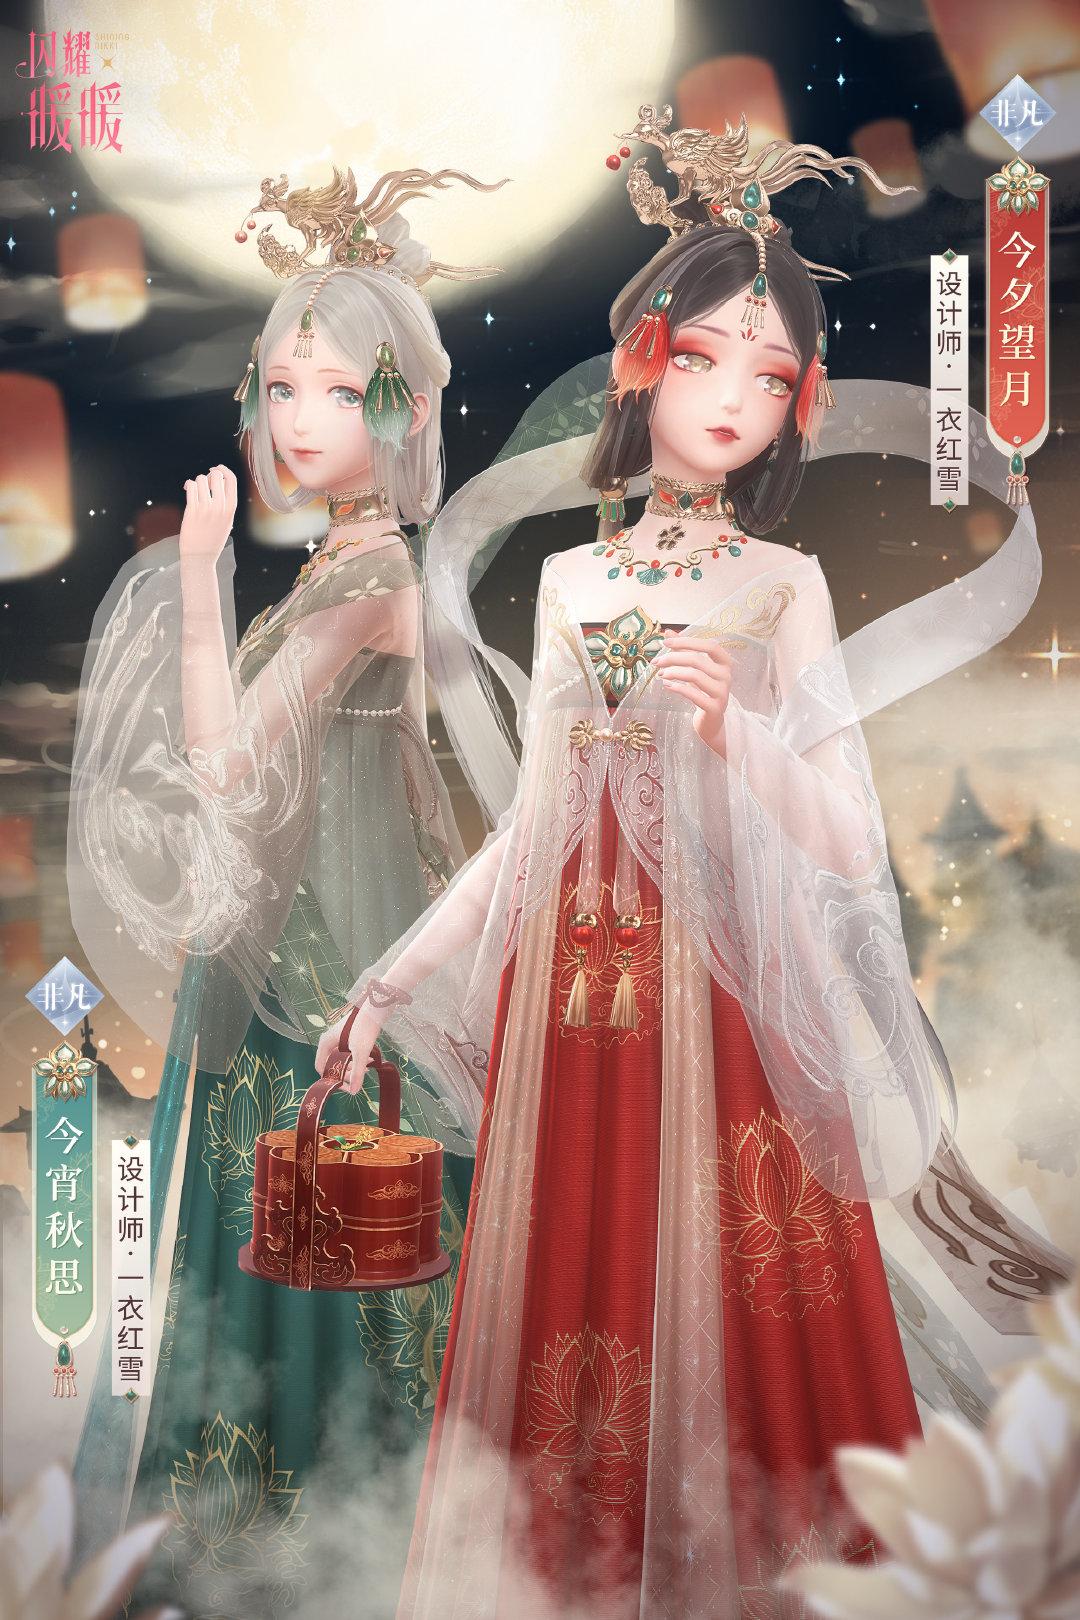 上海故事官网_闪耀暖暖:新非凡撞衫武则天?破次元高配版,看了对比笑懵了